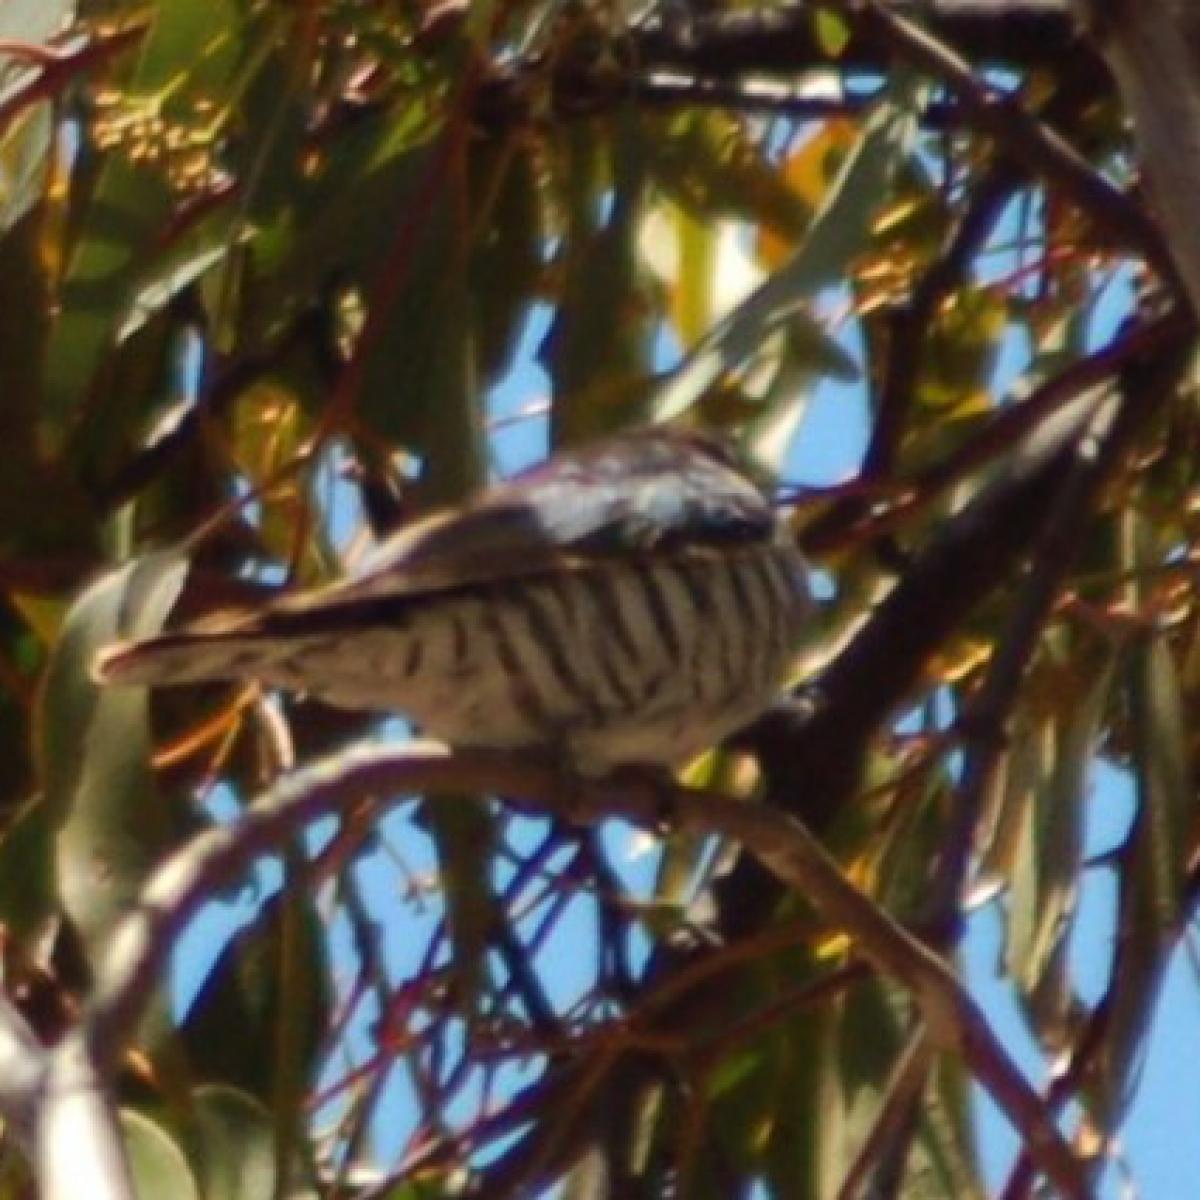 484 Horsfield's Bronze-cuckoo